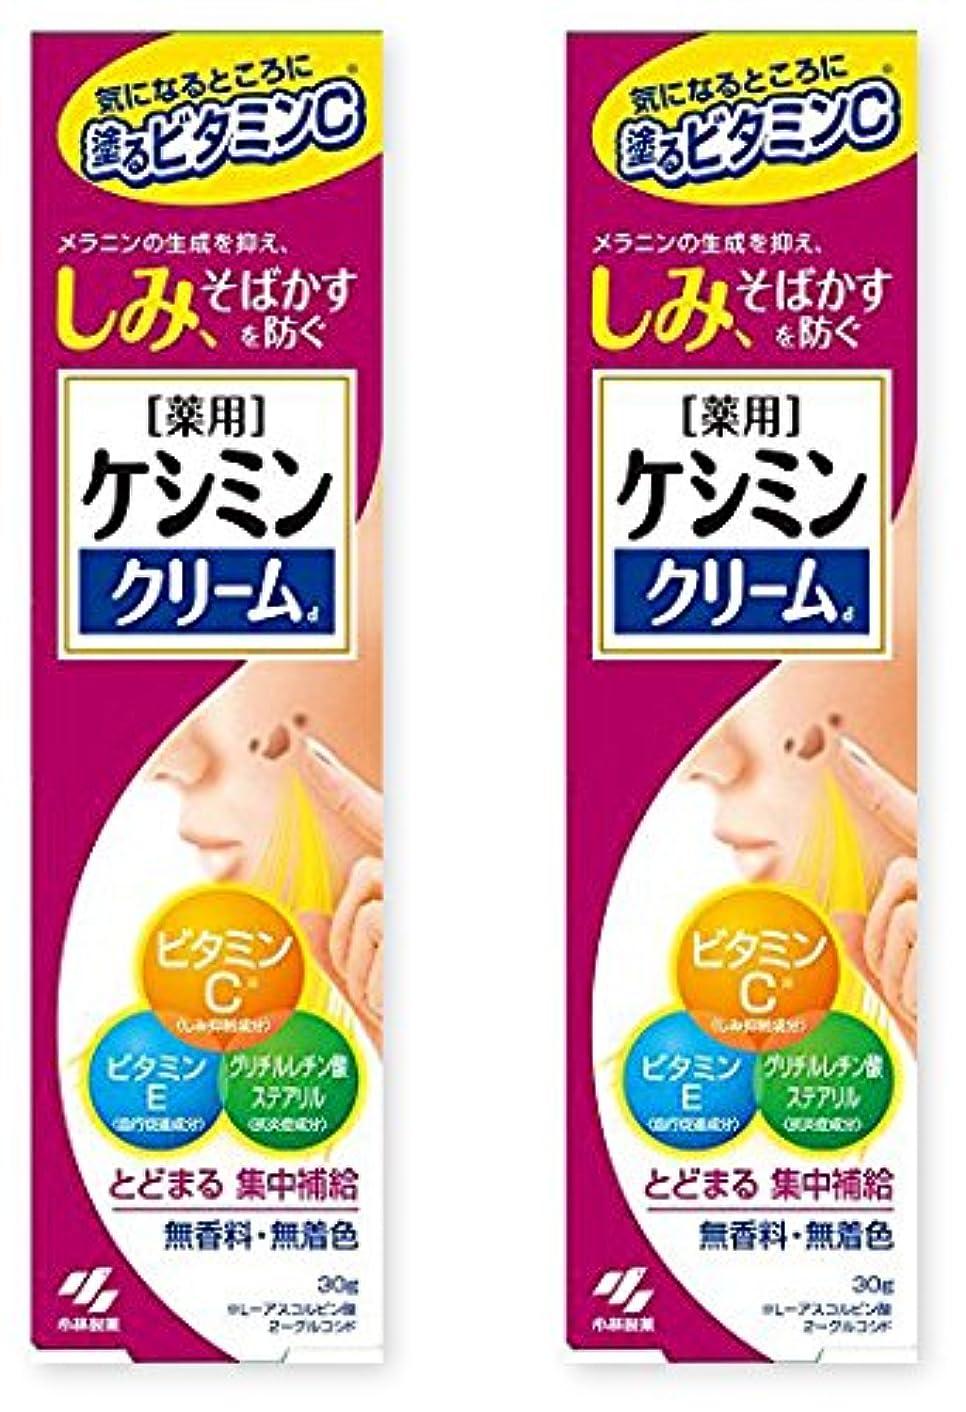 現象トンプラスチックケシミン クリームd 30g ×2セット